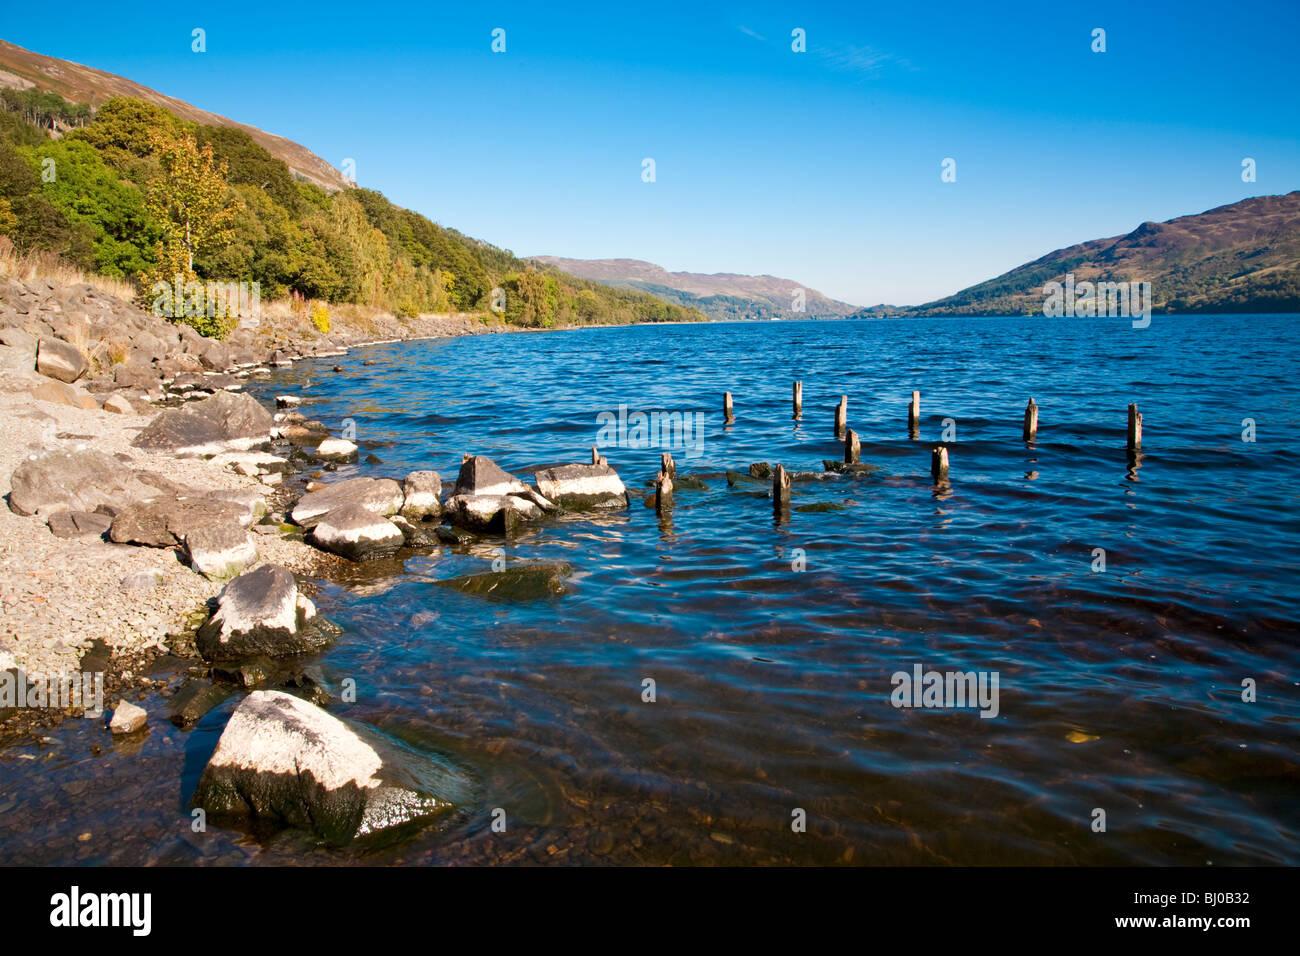 Blick auf die Ufer des Sees mit Felsen und Landschaft, Schottland Loch Earn Stockbild